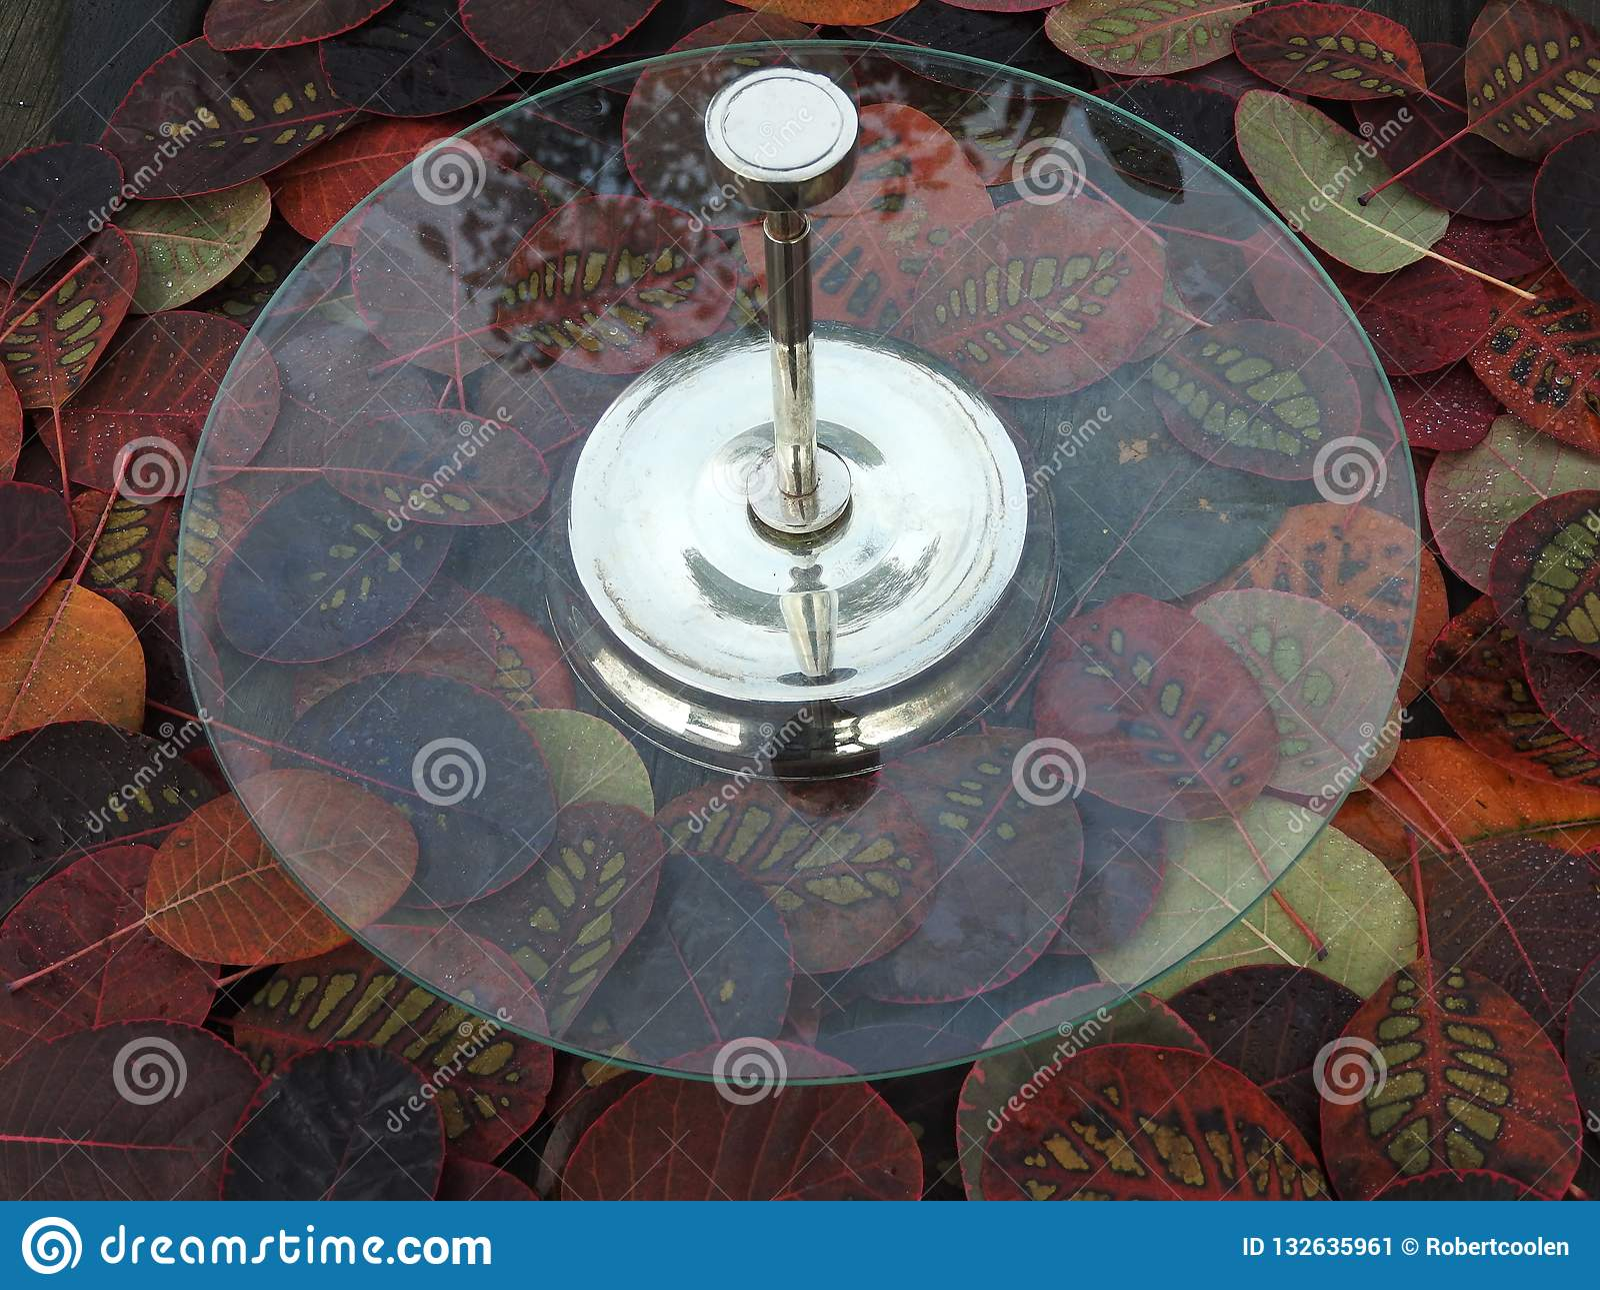 Etagere, affichage, plat, étagères présentant la nourriture dans une atmosphère spéciale d automne Argent d Etagere